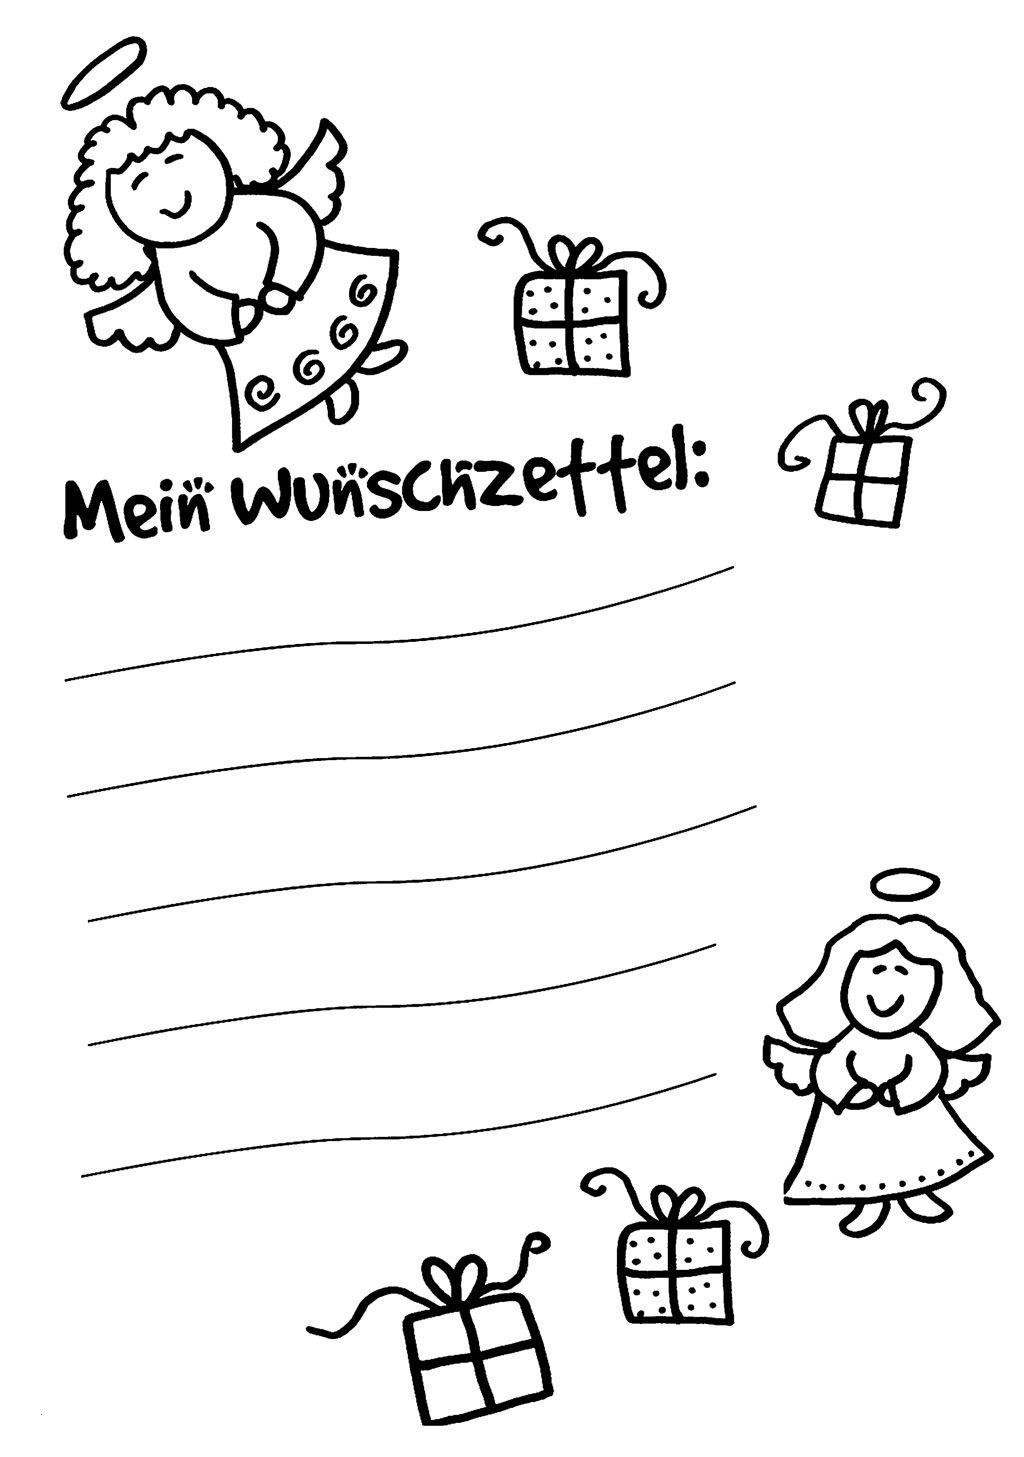 Mia and Me Ausmalen Frisch Ausmalbilder Mia and Me Kostenlos Elegant Bayern Ausmalbilder Schön Sammlung